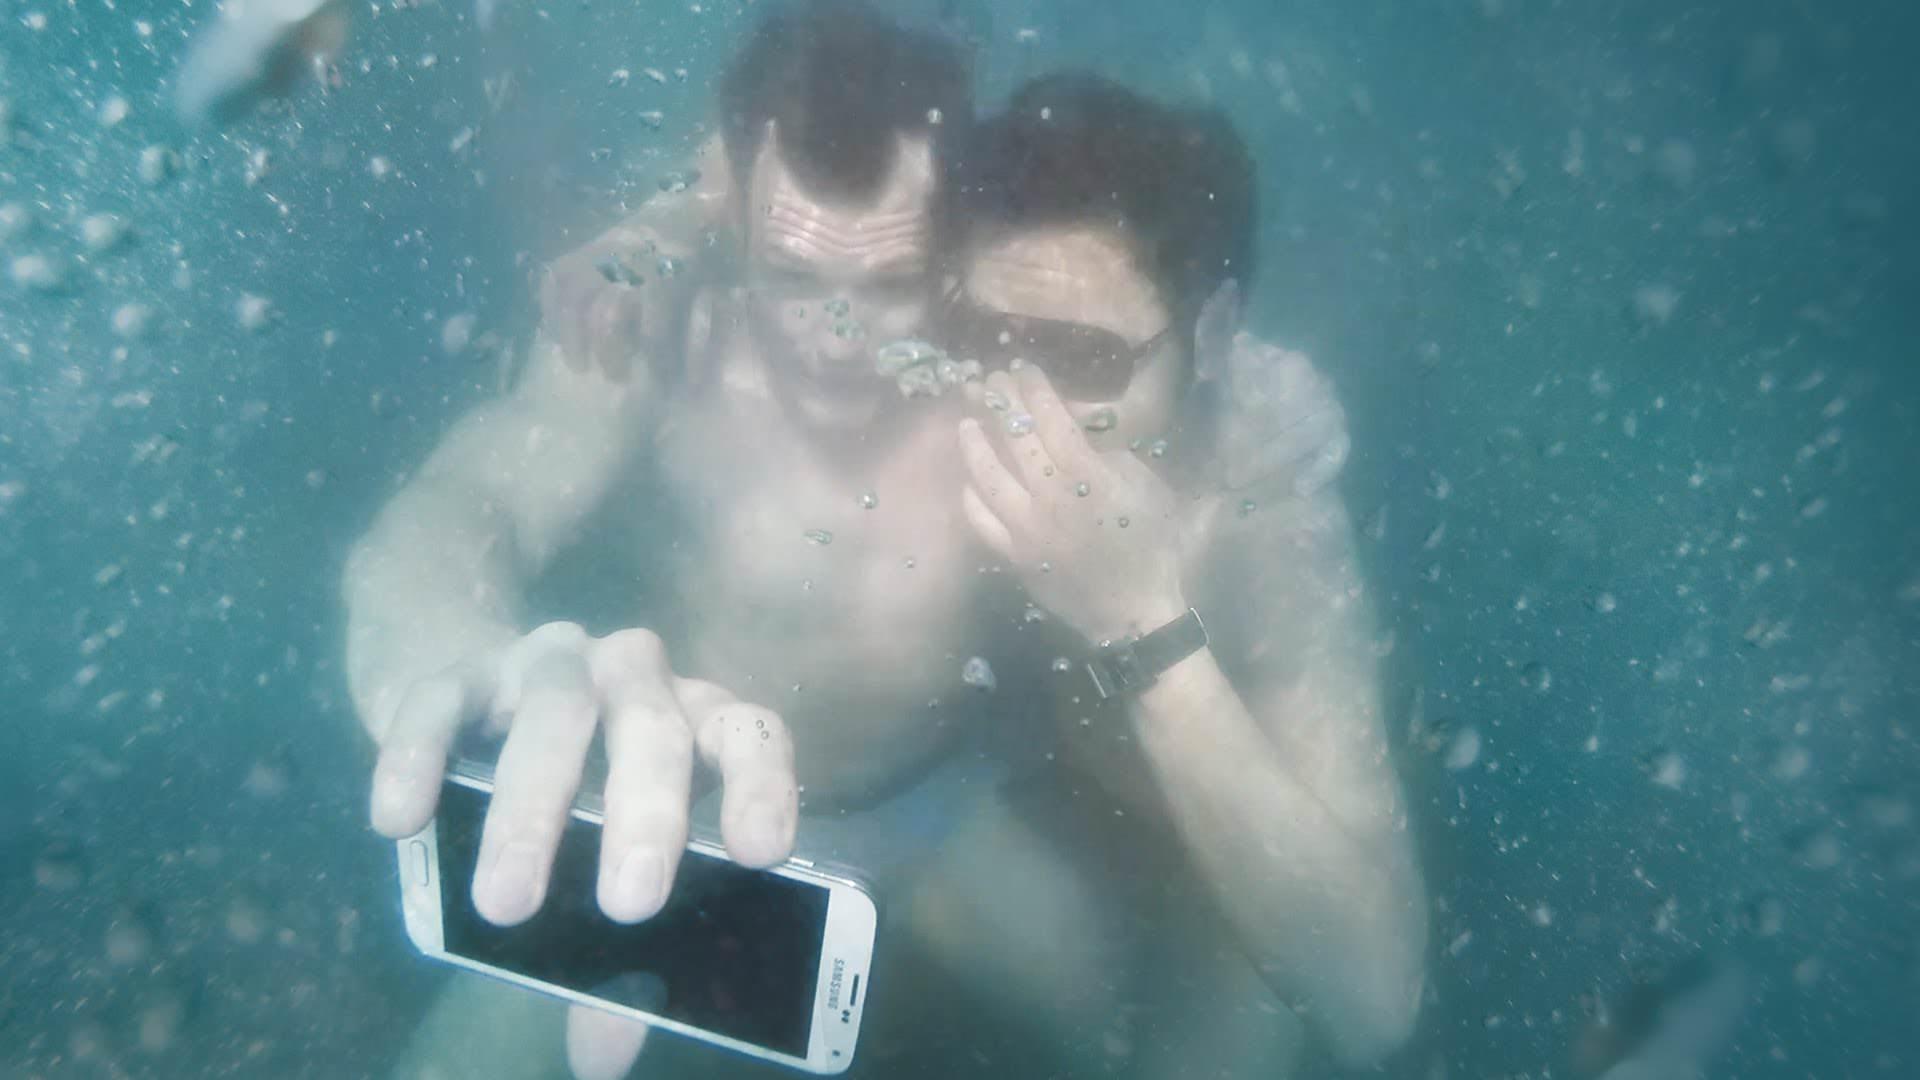 #UnderwaterSelfie Challenge